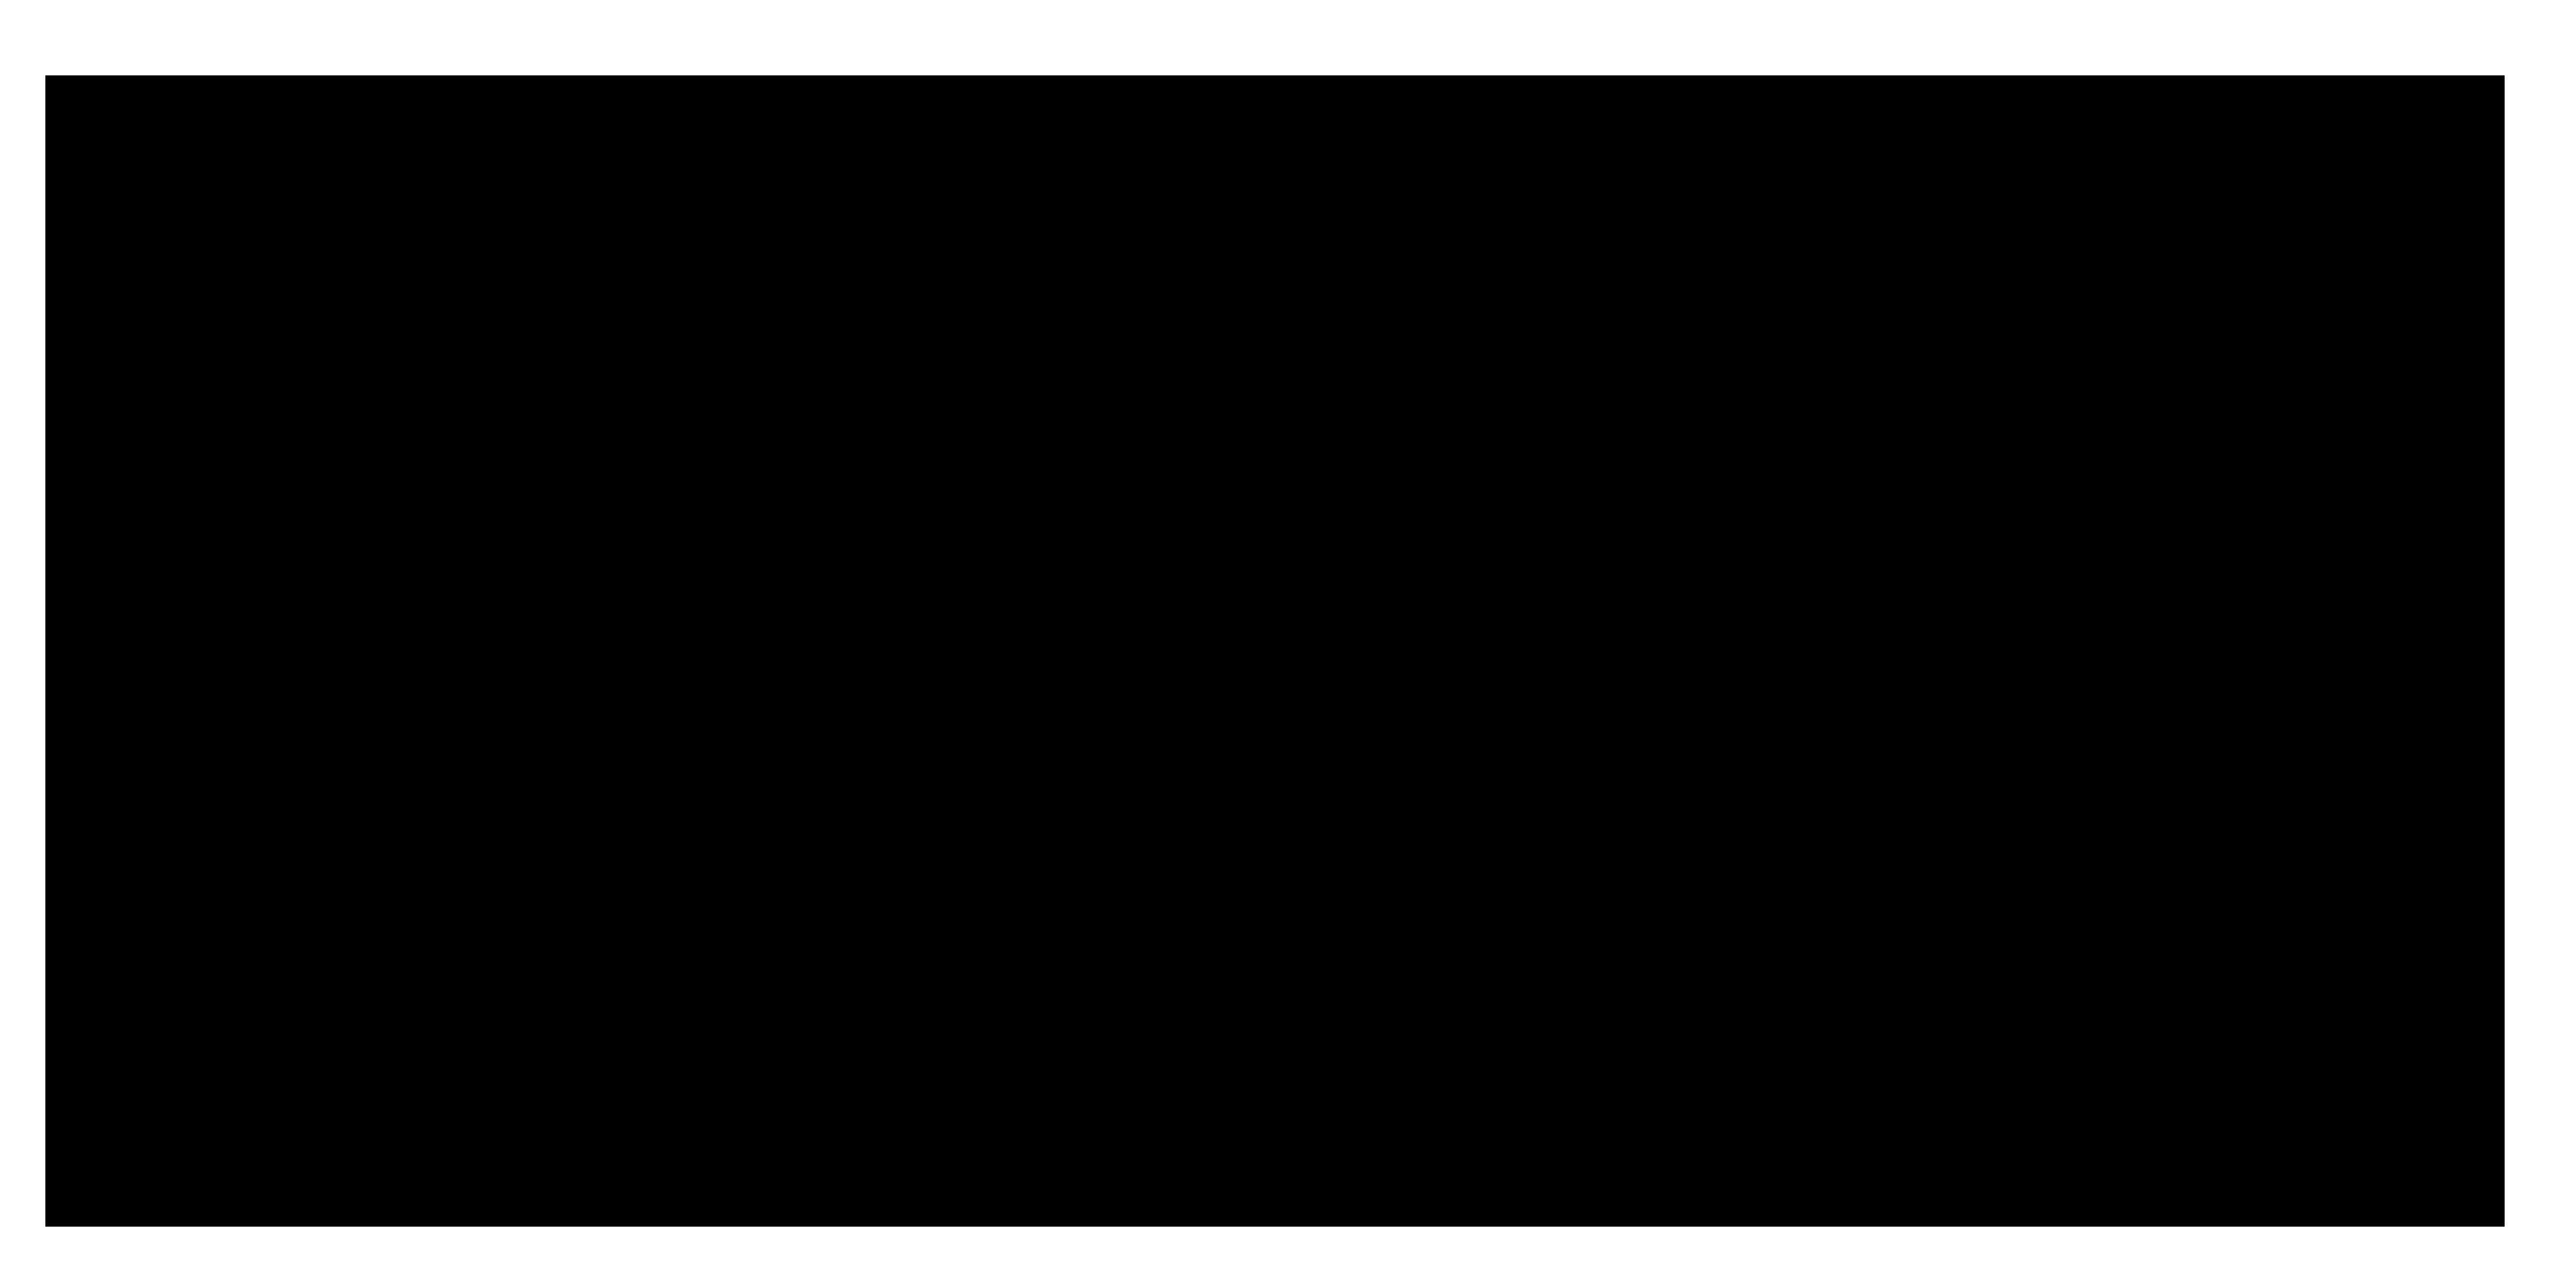 Distract logo